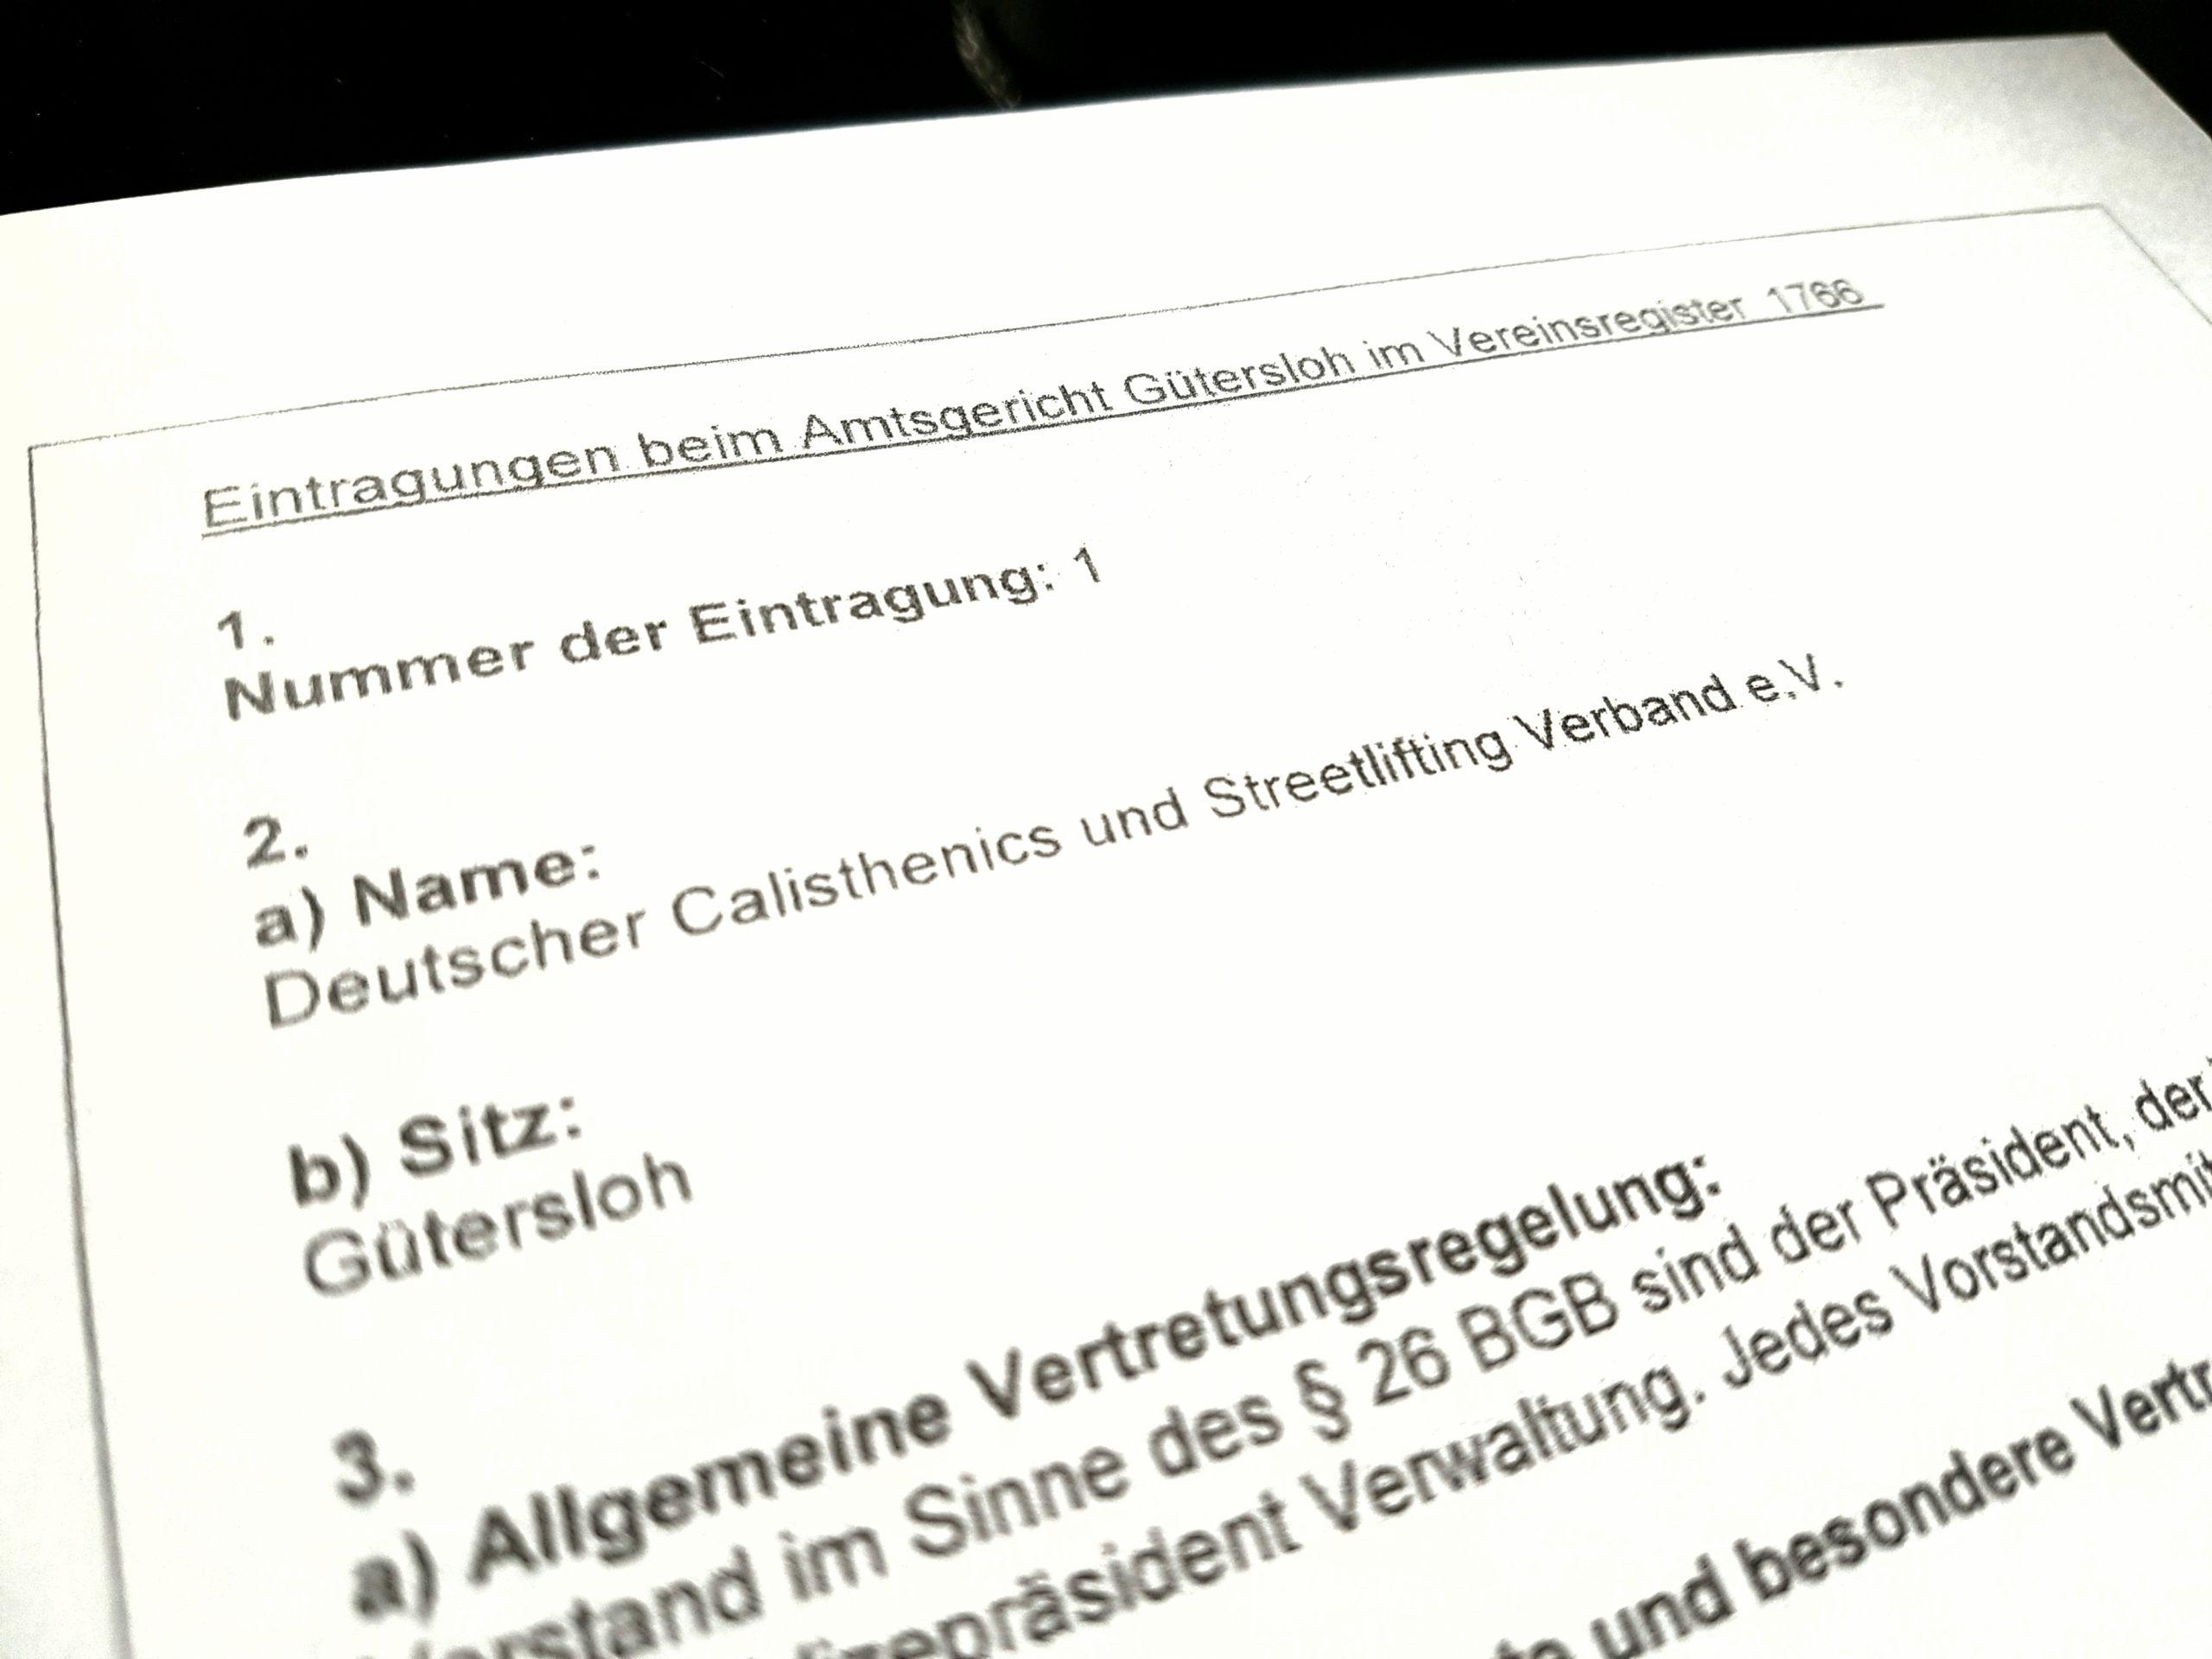 Rechtsform offiziell bestätigt – DCSV ist jetzt rechtsfähig!